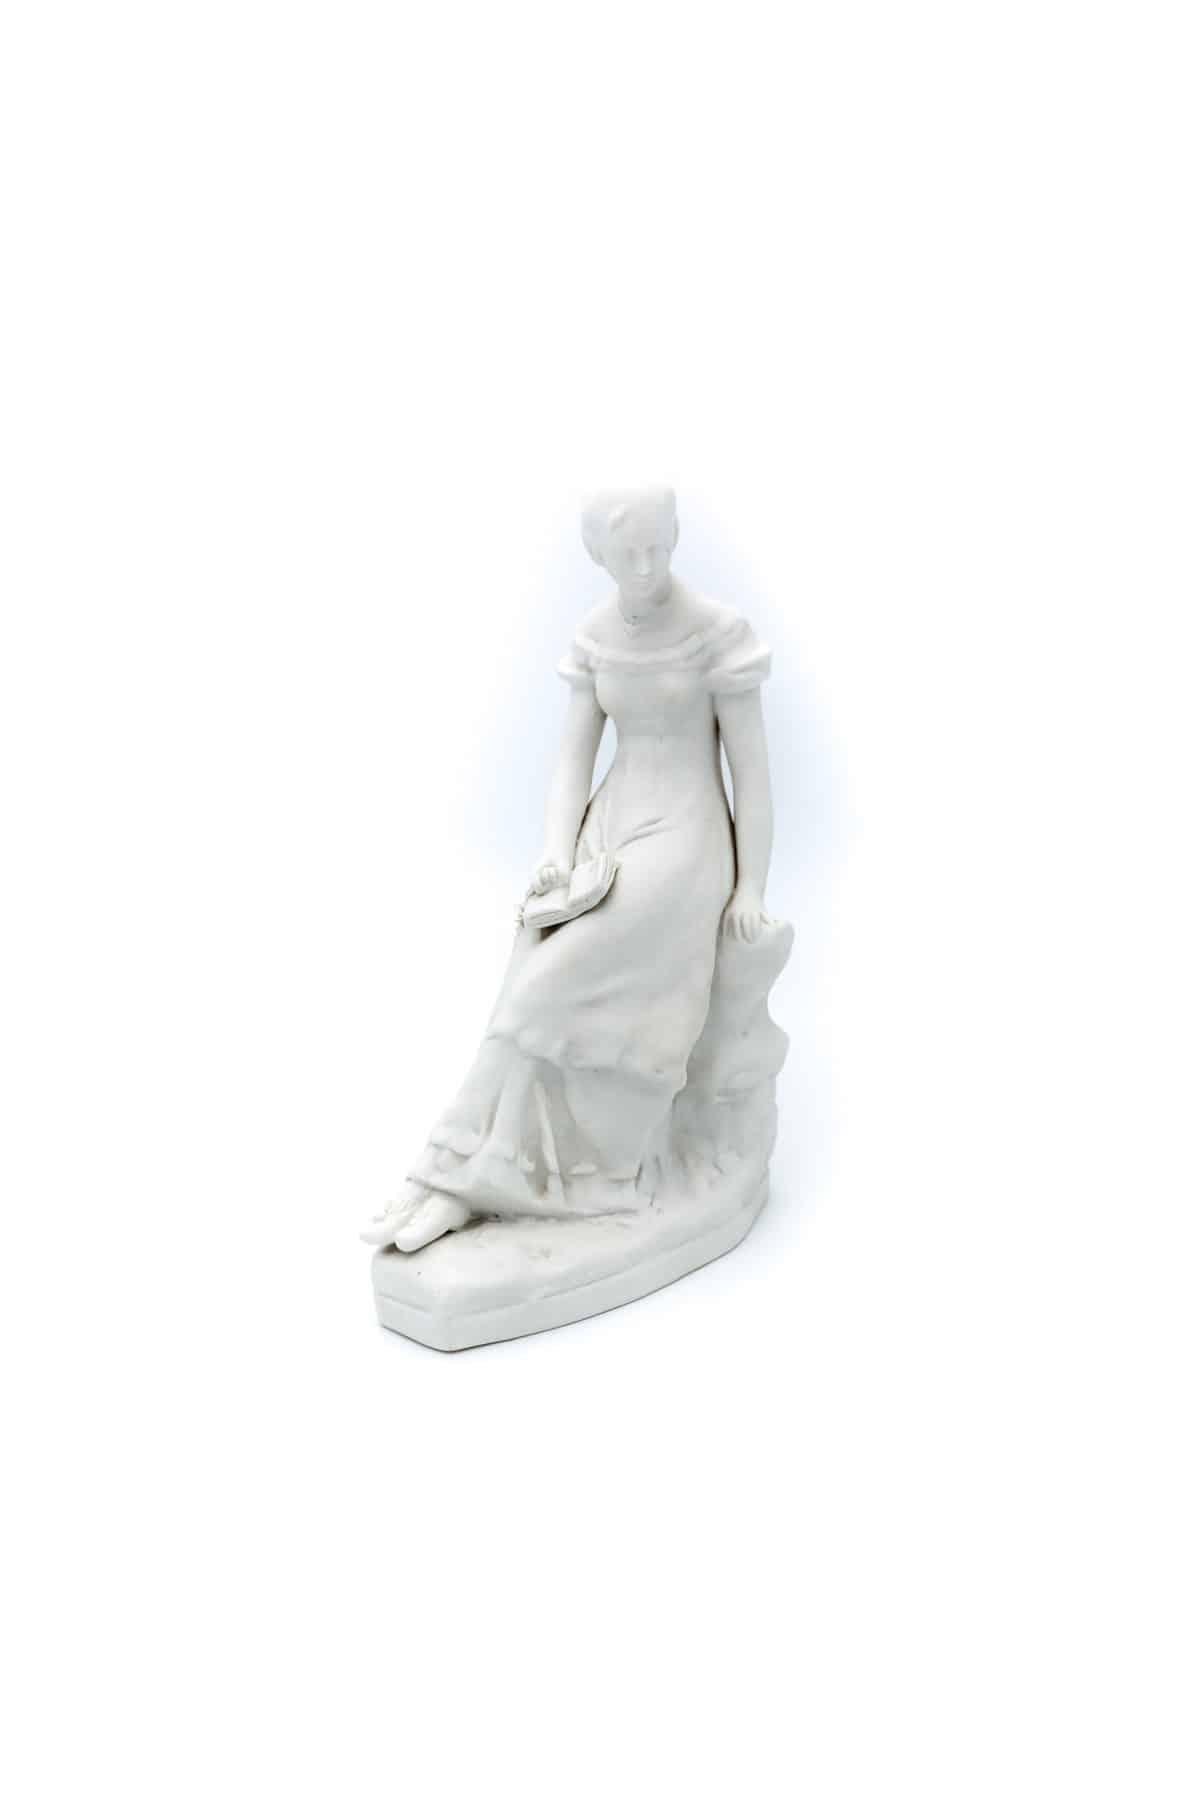 farforovaya statuetka tatyana larina